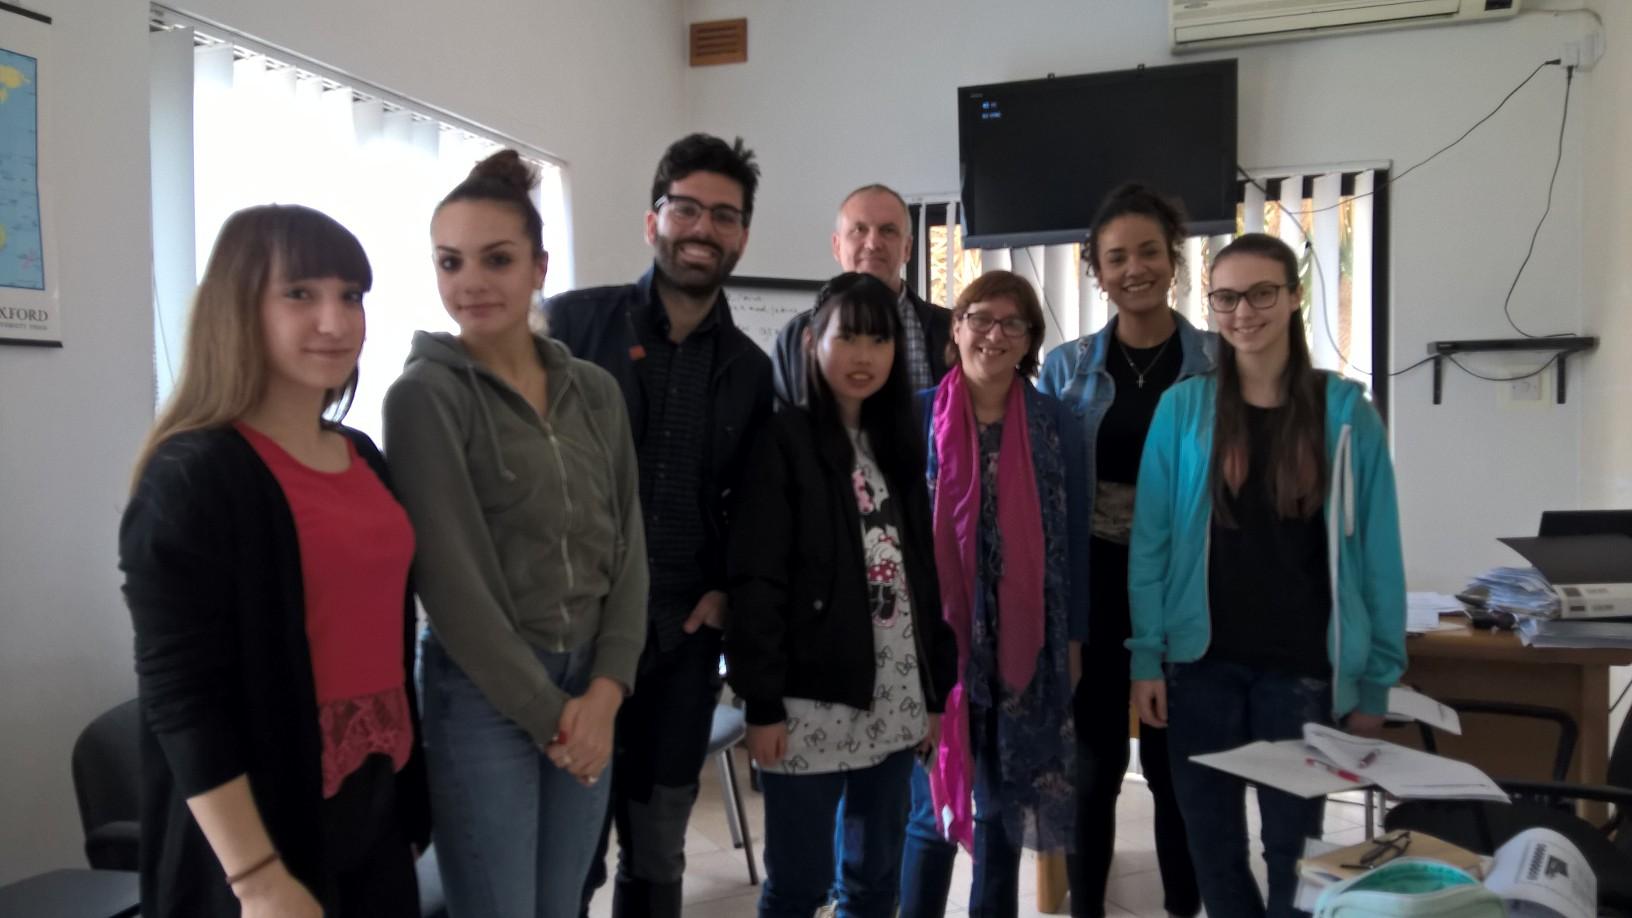 anglické kurzy pro dospělé studenty na Maltě skvělý cíl studovat angličtinu a relaxovat